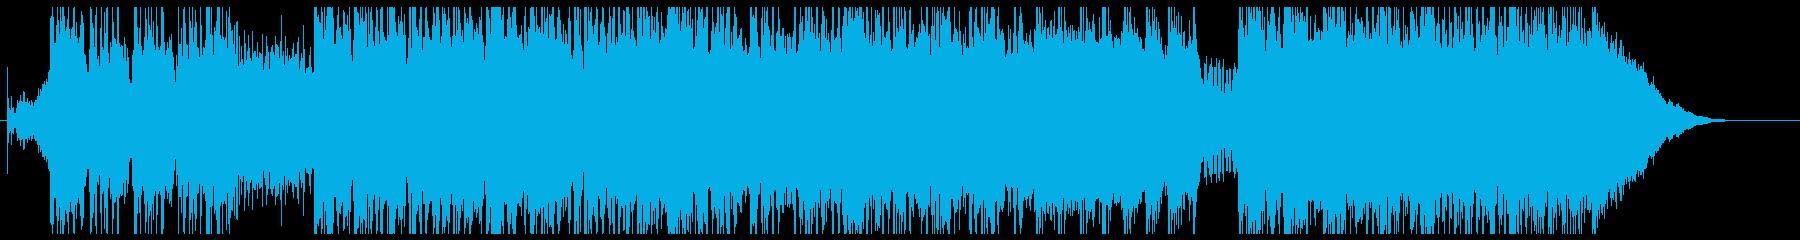 ギターの刻み中心ハードロックの再生済みの波形